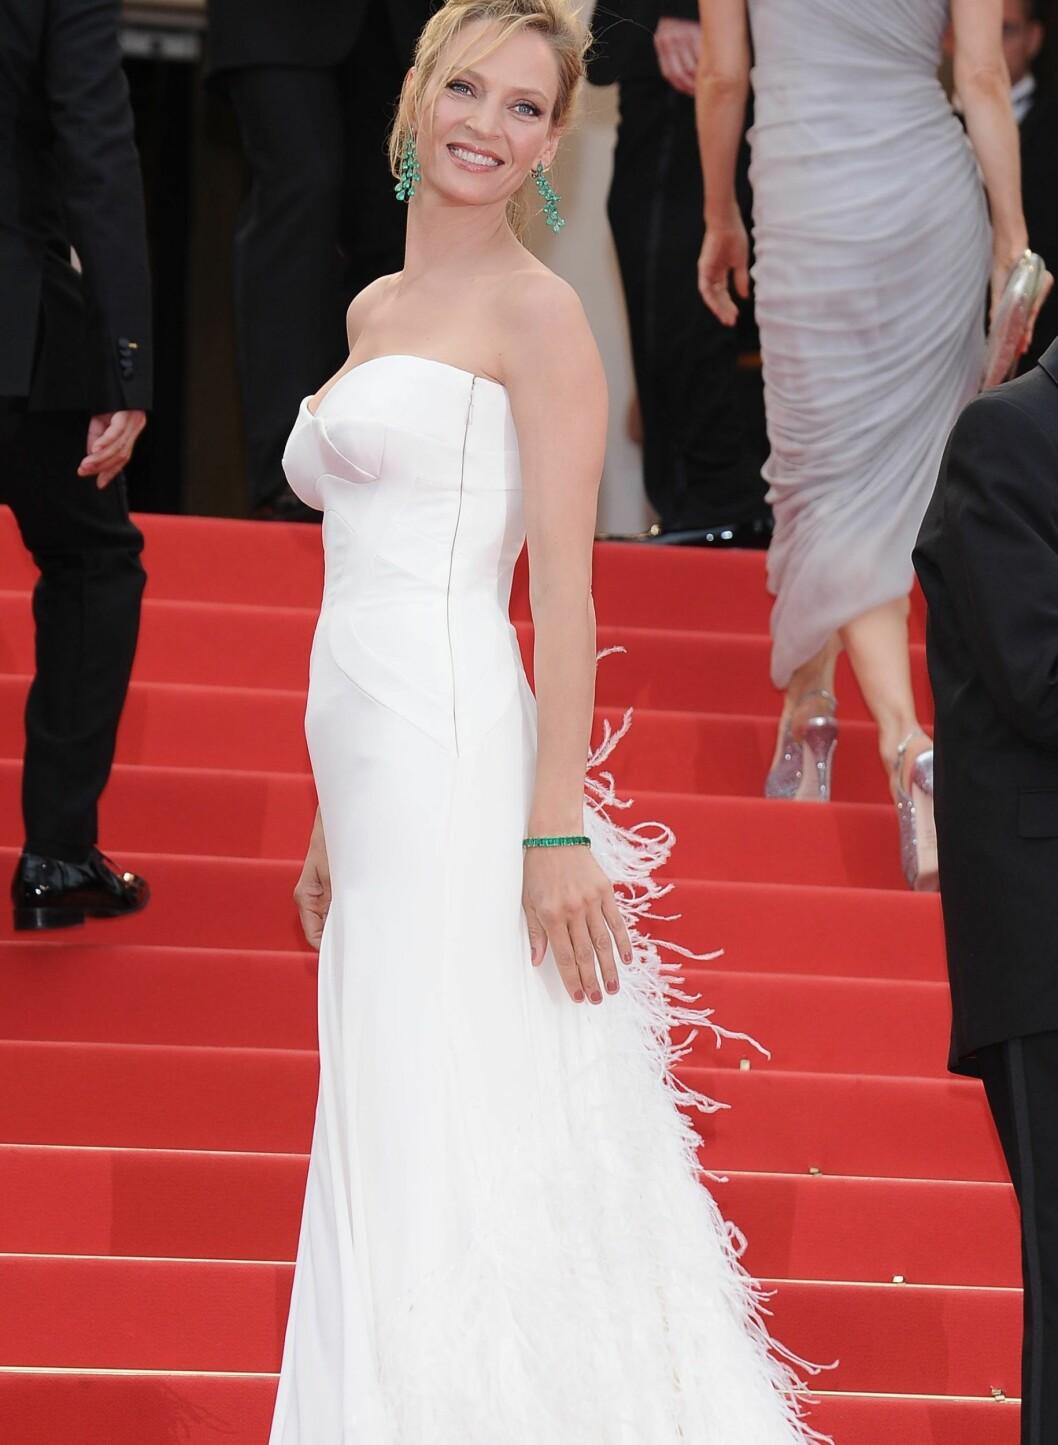 Uma Thurman tok pusten fra alle i den stroppeløse Versace-kjolen med fjærpynt. Legg merke til de smaragdgrønne smykkene, som gir antrekket et ekstra puff.  Foto: All Over Press